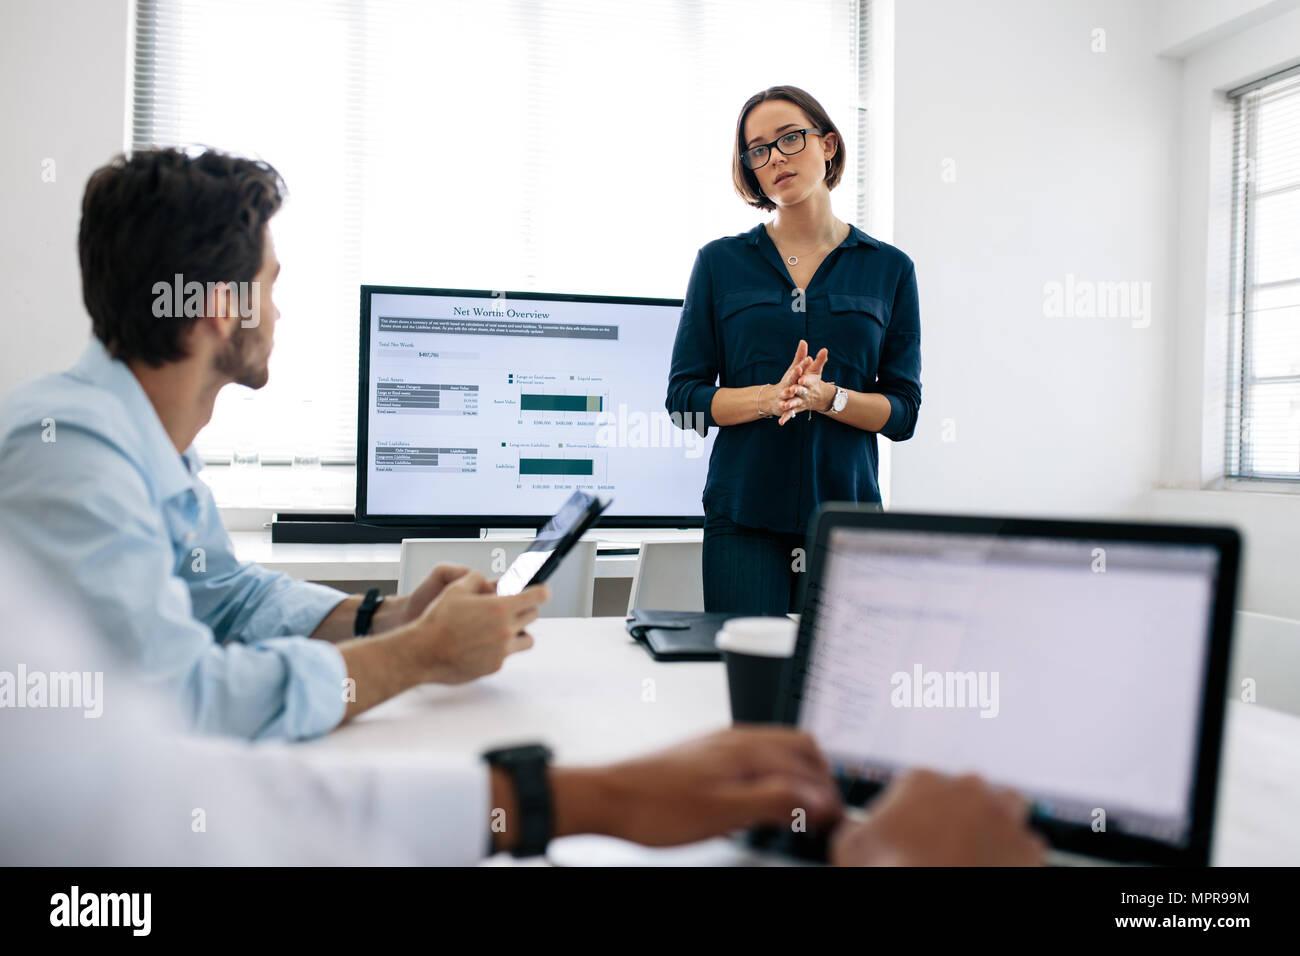 La empresaria de llevar gafas haciendo una presentación a sus colegas en la oficina. Colegas de la Oficina mirando ordenadores portátiles mientras escucha un Imagen De Stock